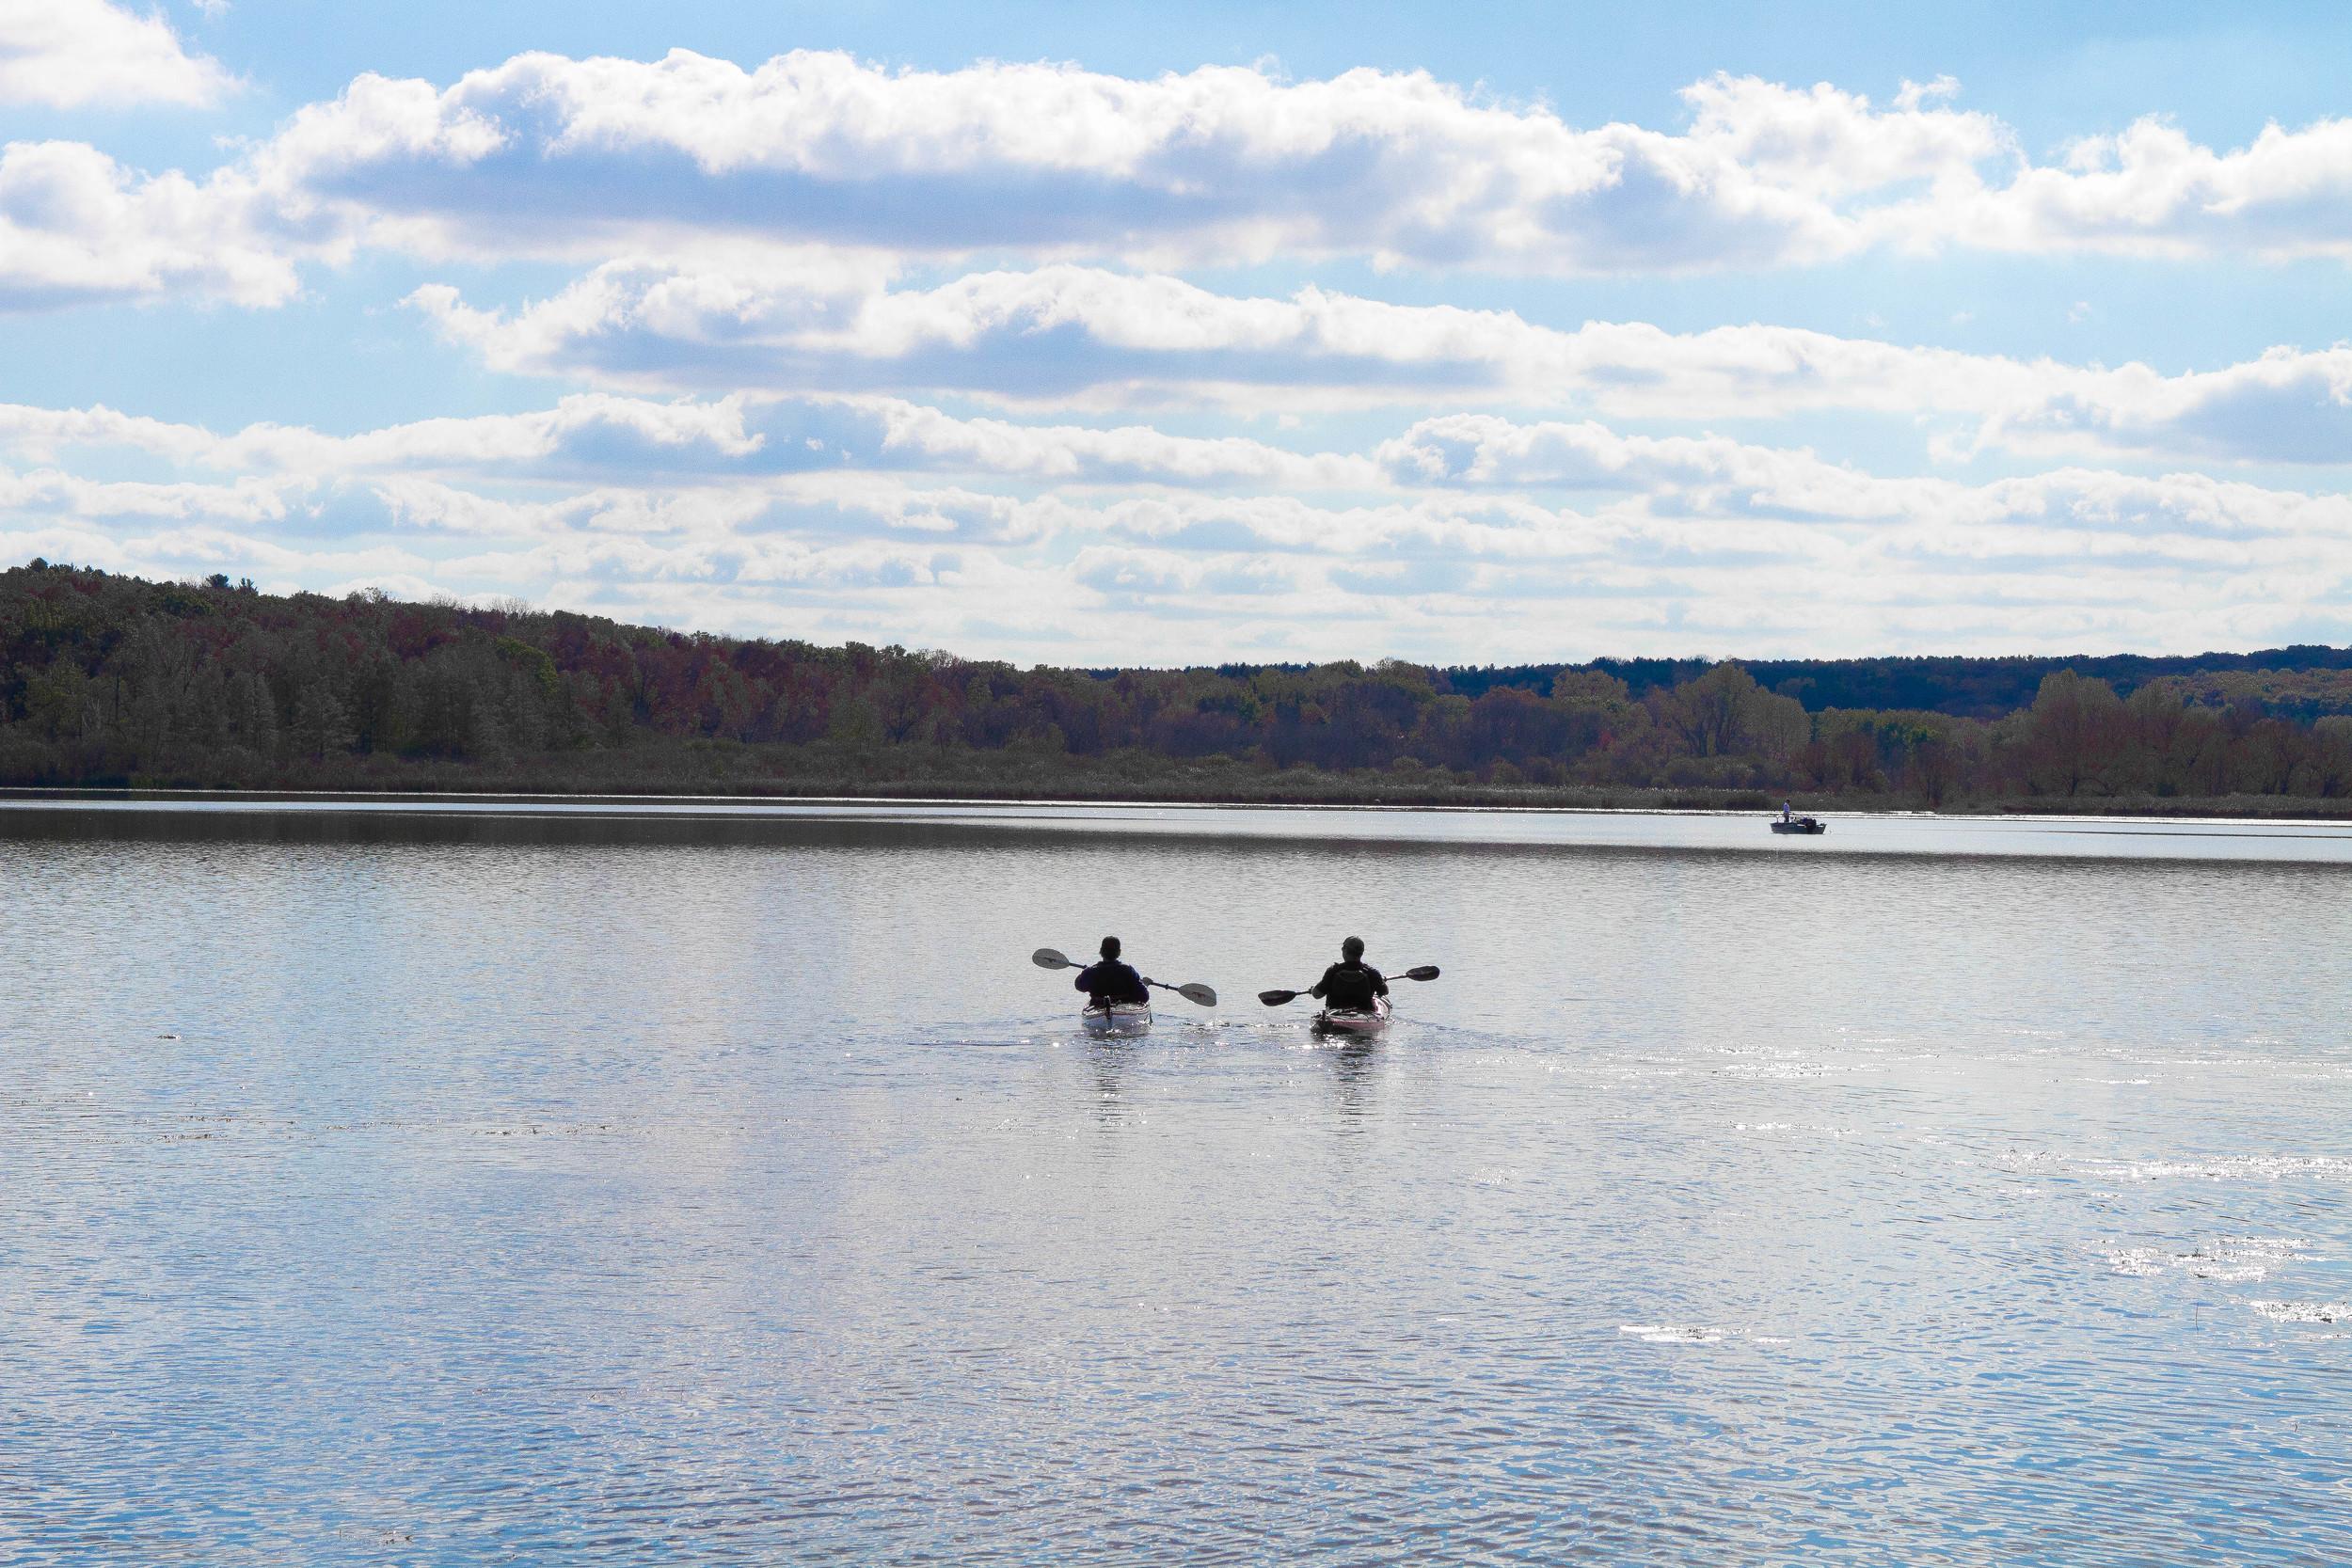 Summer fun in Madison thanks to boat rental at Lake Wingra